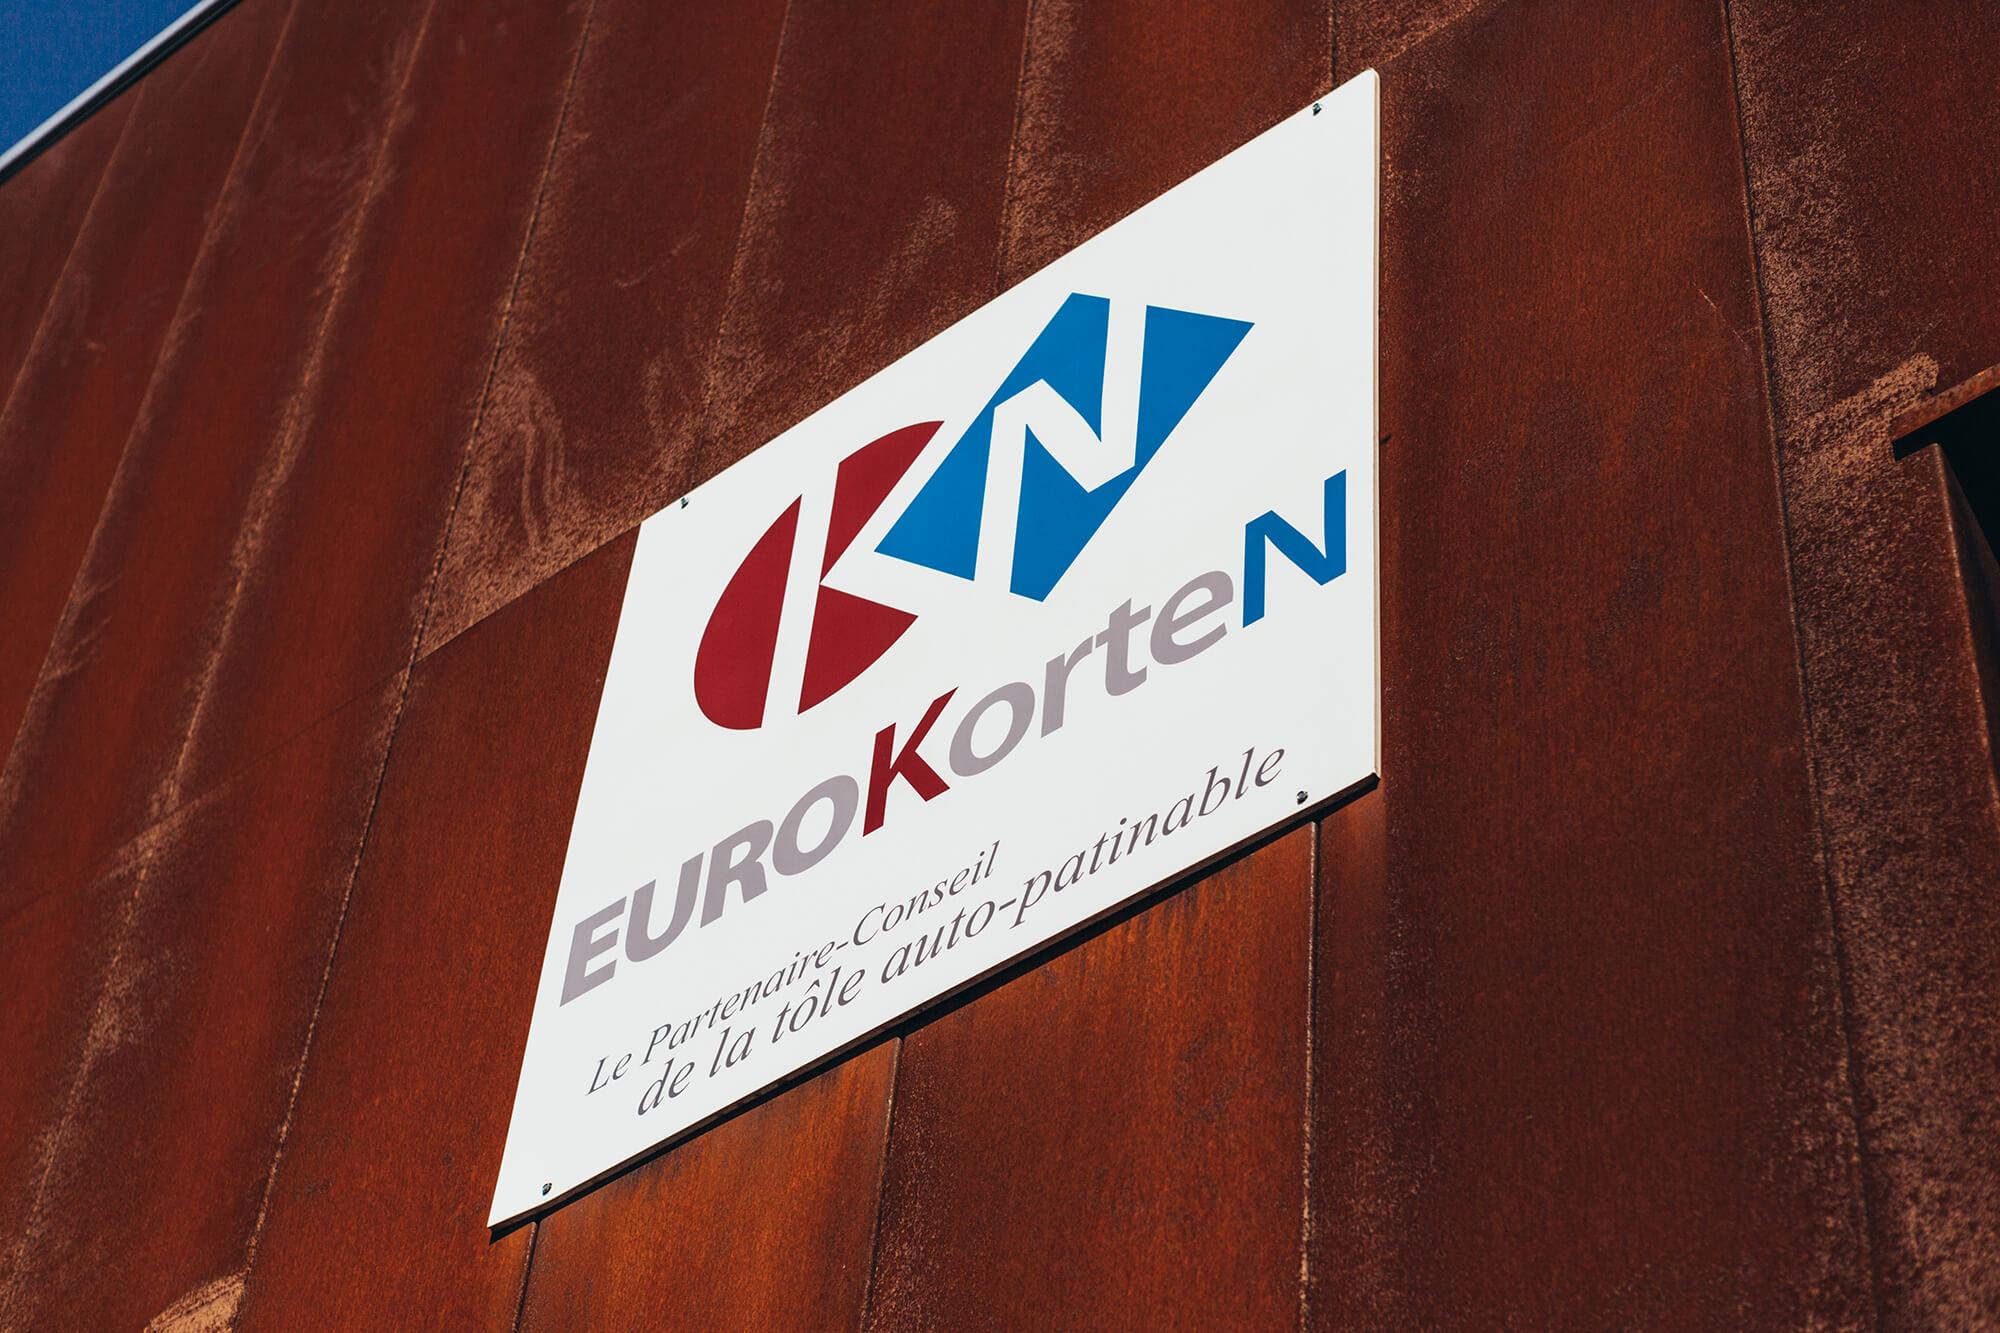 entreprise eurokorten